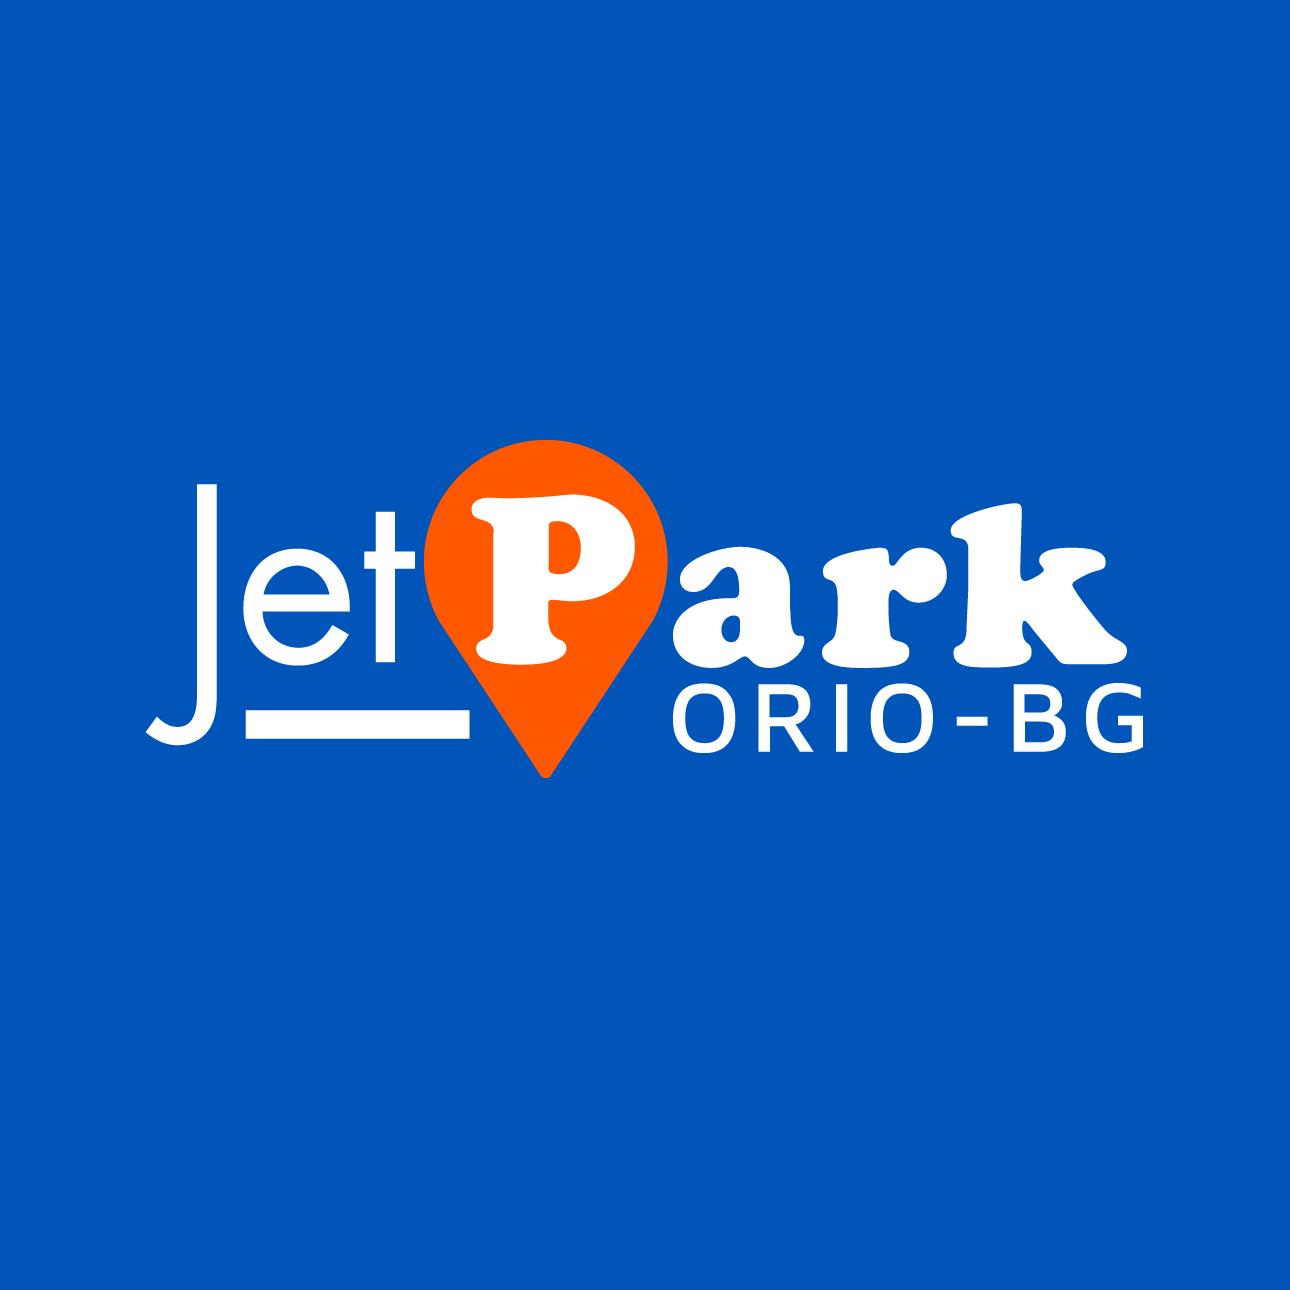 JetPark Orio